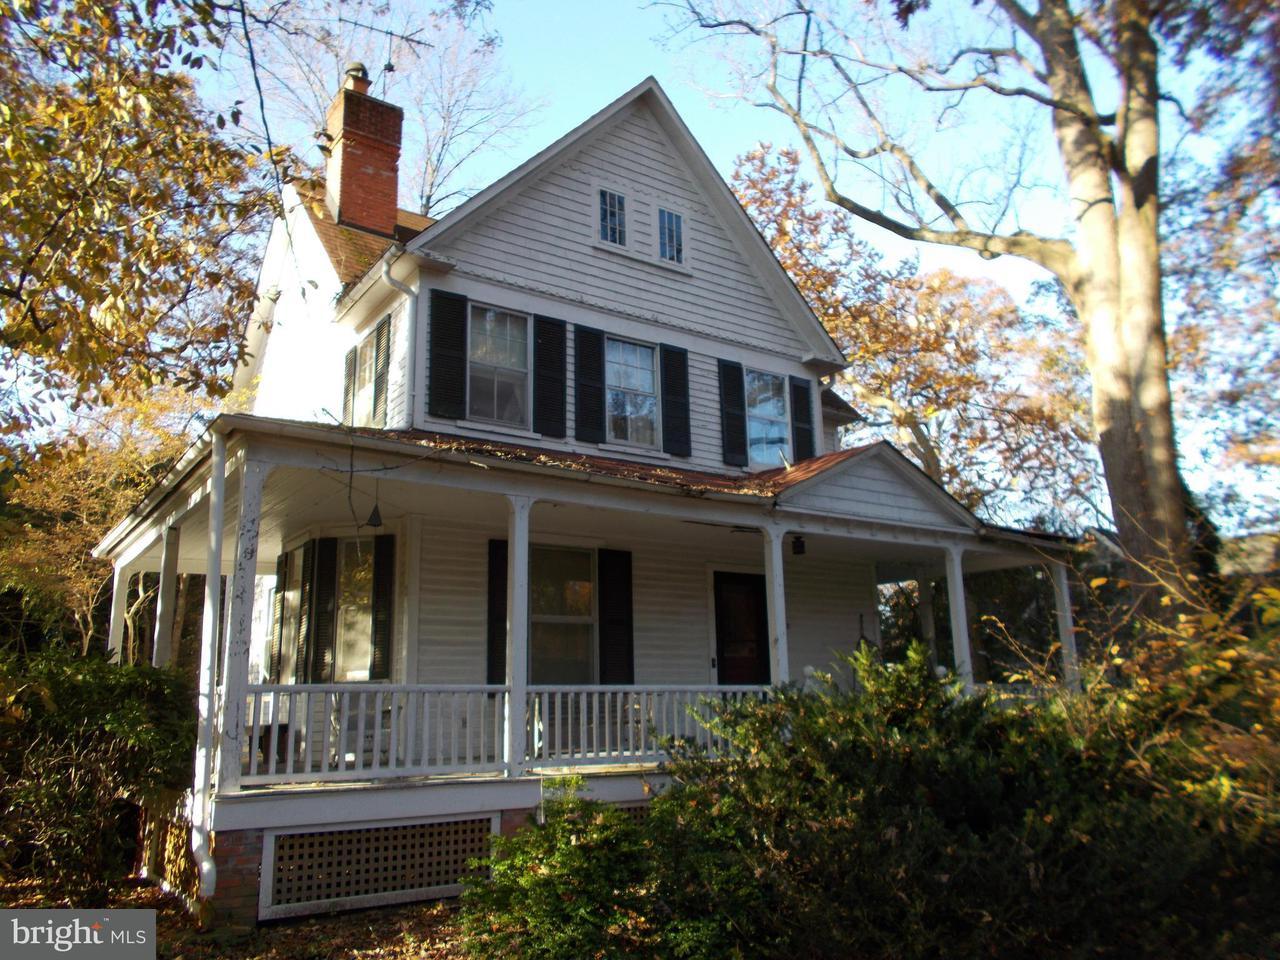 一戸建て のために 売買 アット 11112 Kenilworth Avenue 11112 Kenilworth Avenue Garrett Park, メリーランド 20896 アメリカ合衆国